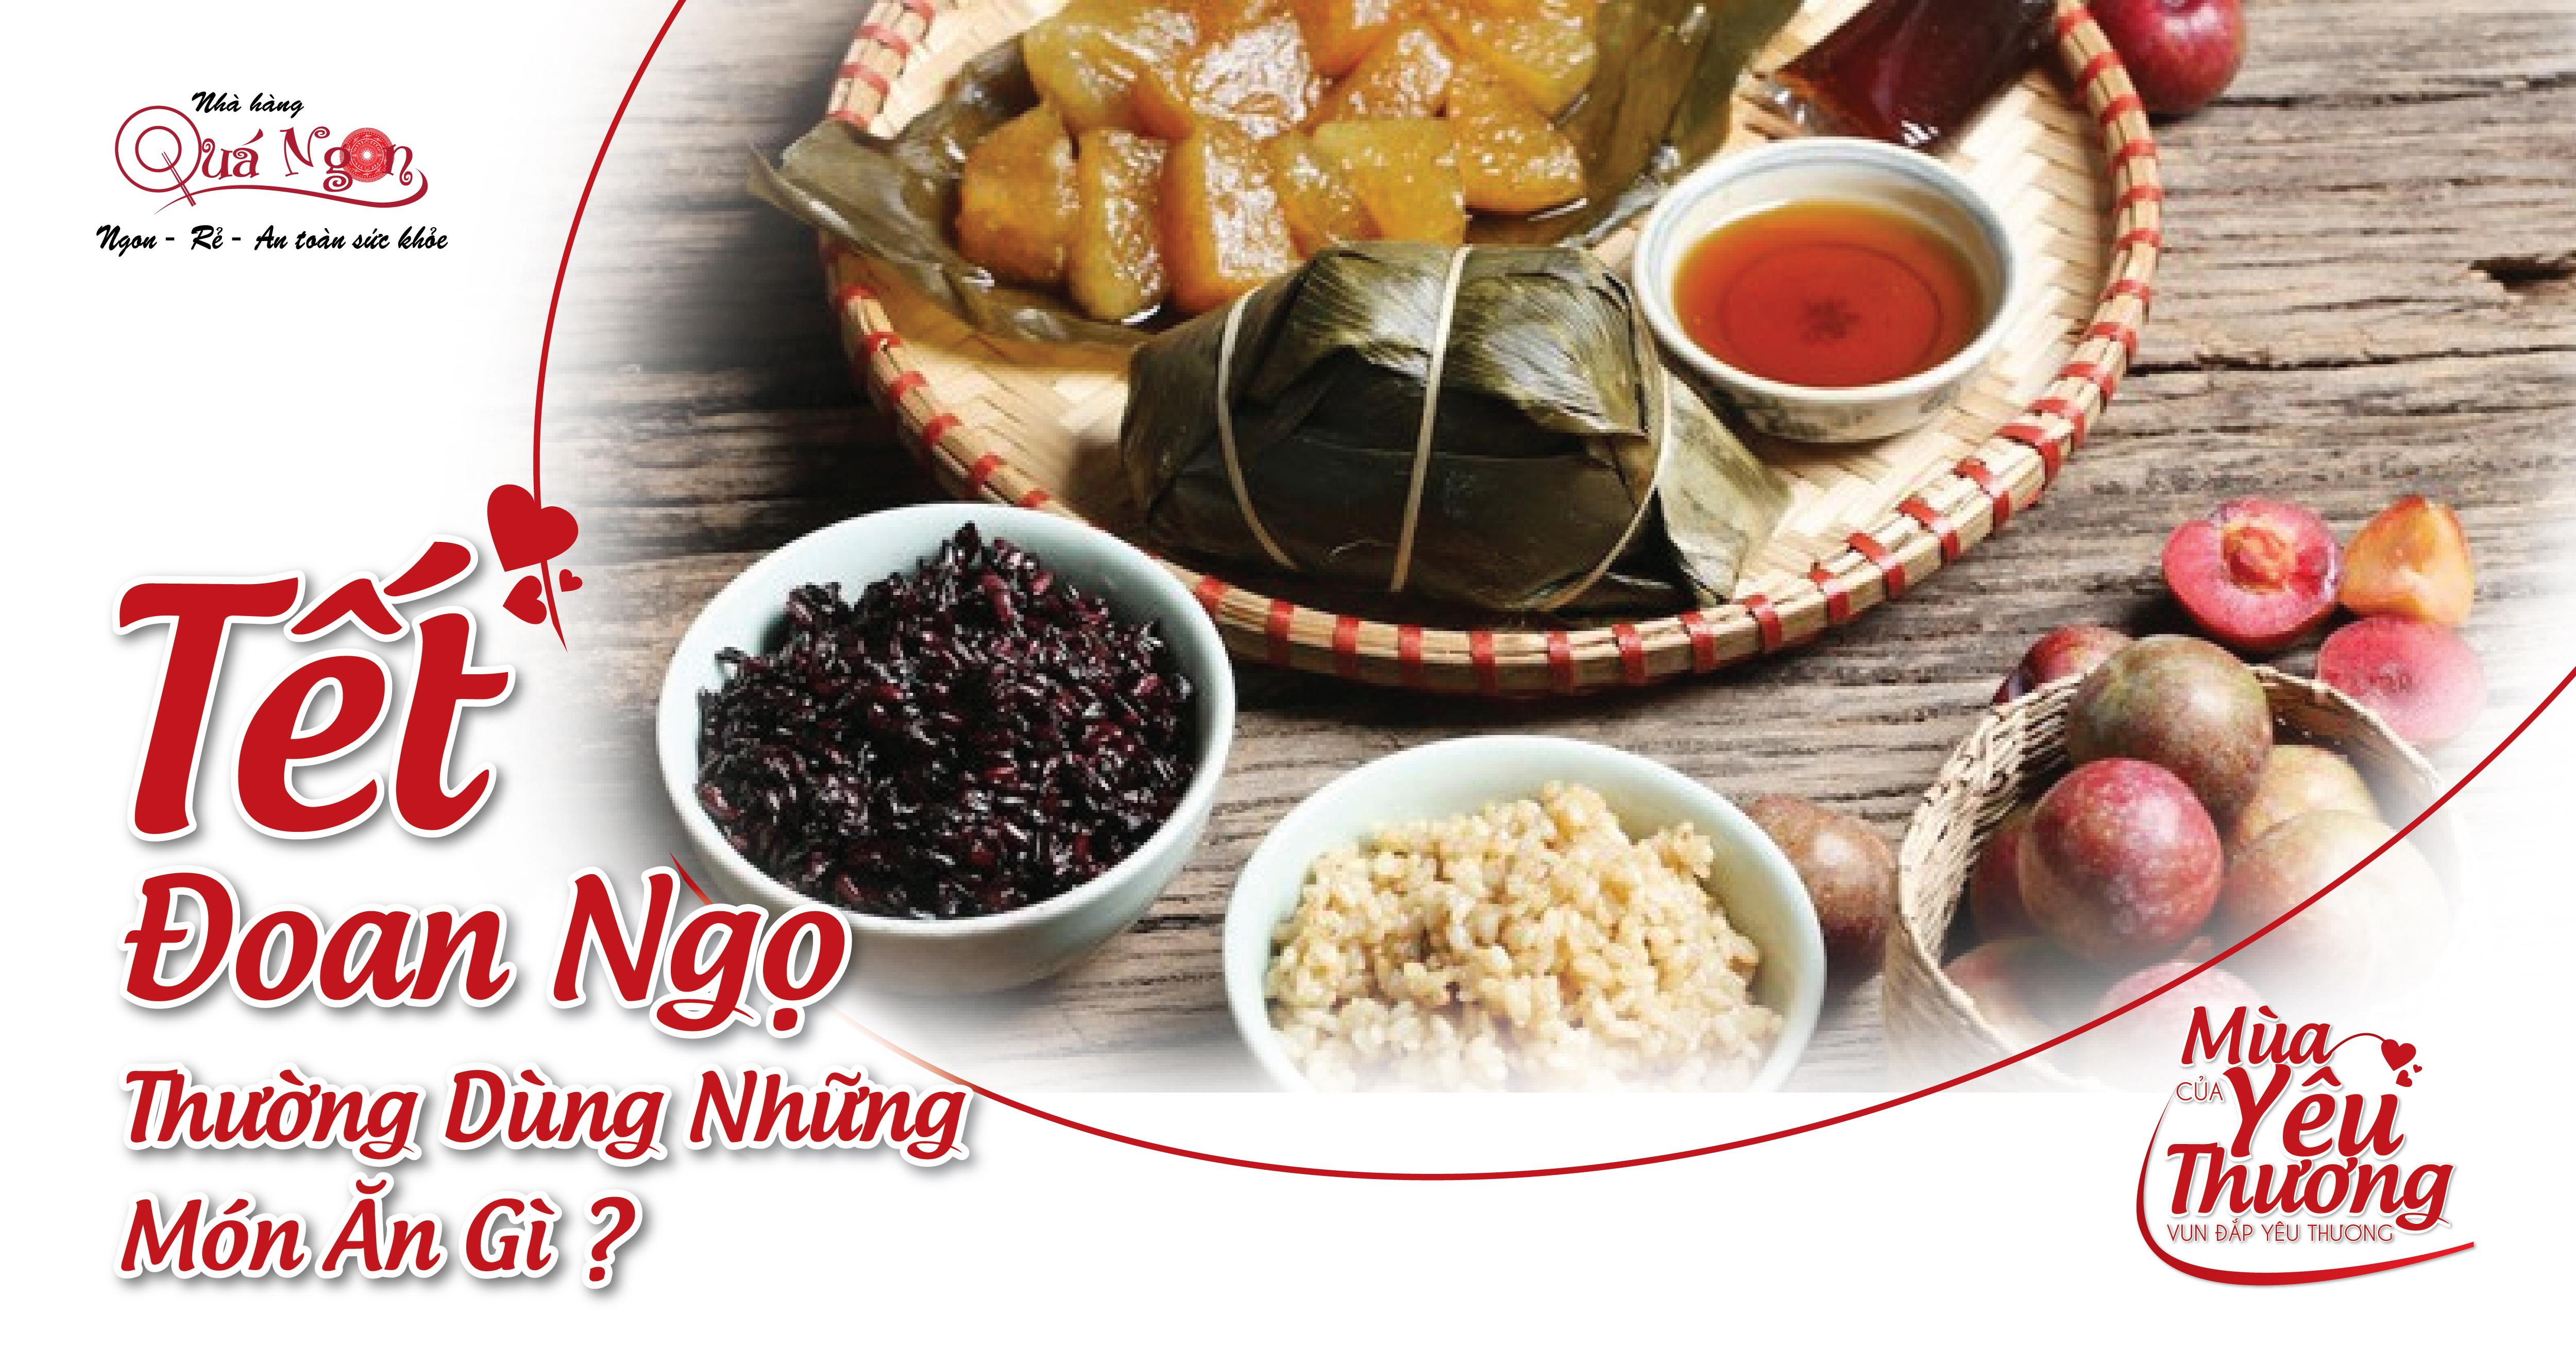 Tết Đoan Ngọ thường dùng những món ăn gì?